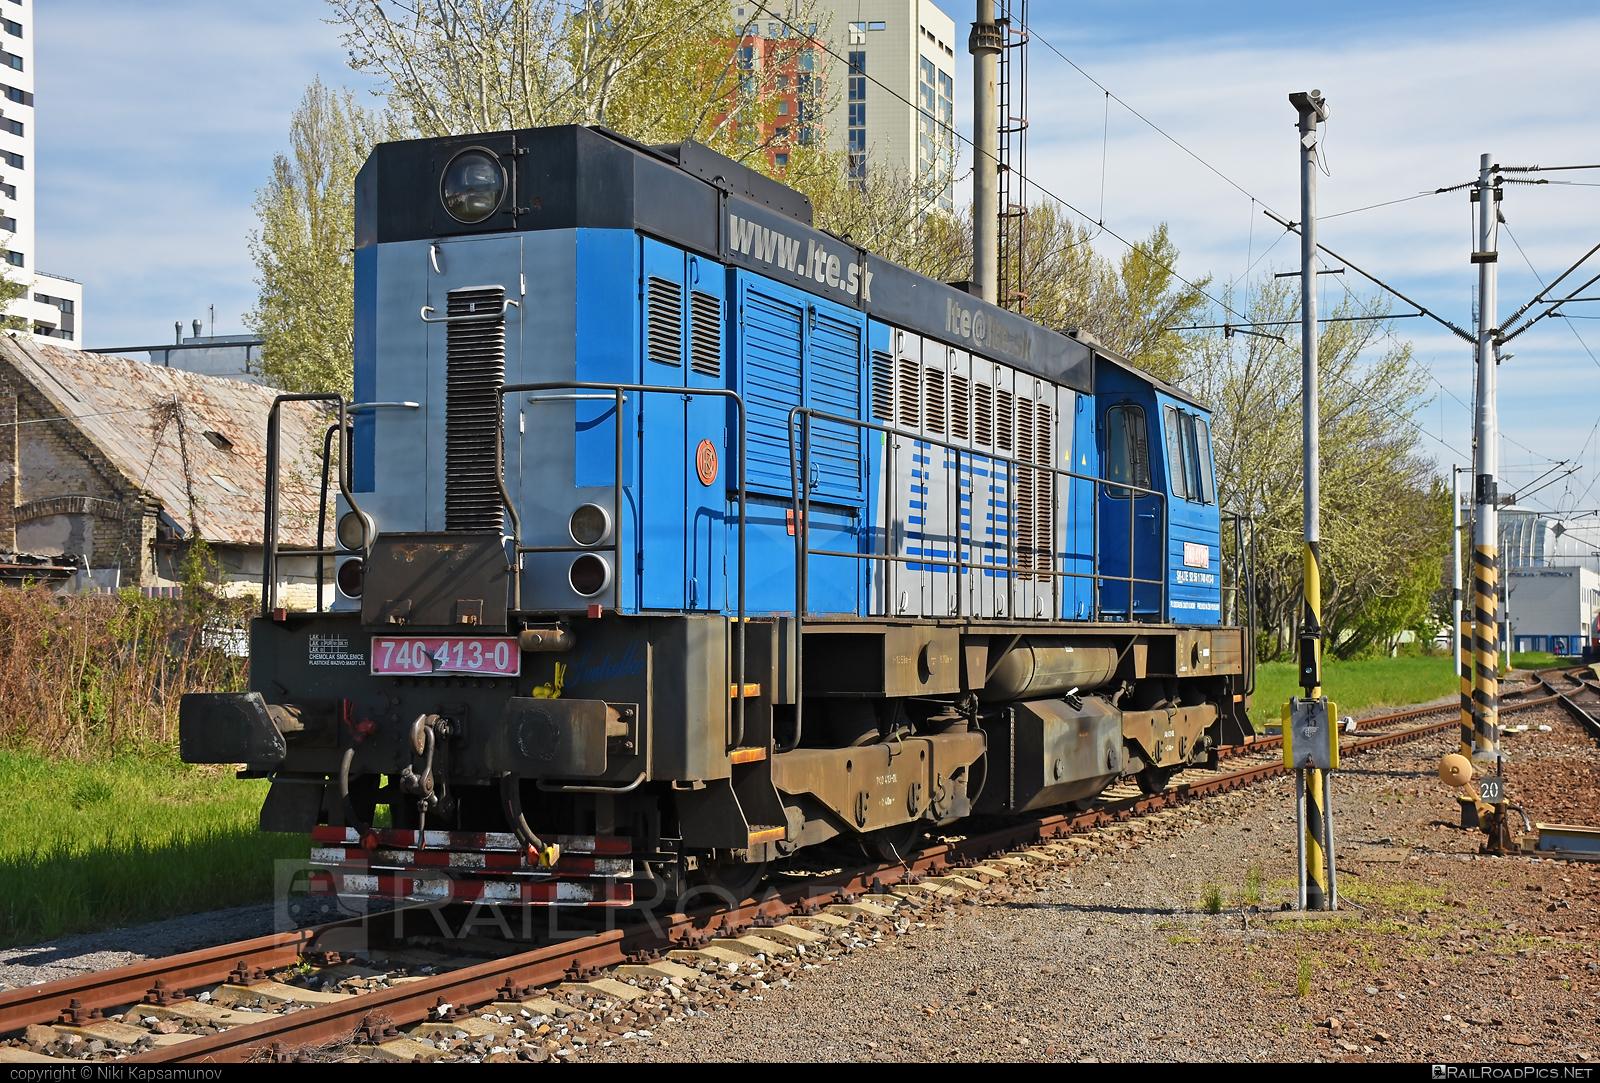 ČKD T 448.0 (740) - 740 413-0 operated by LTE Logistik a Transport Slovakia, s.r.o. #ckd #ckd4480 #ckd740 #ckdt4480 #kocur #lte #ltesk